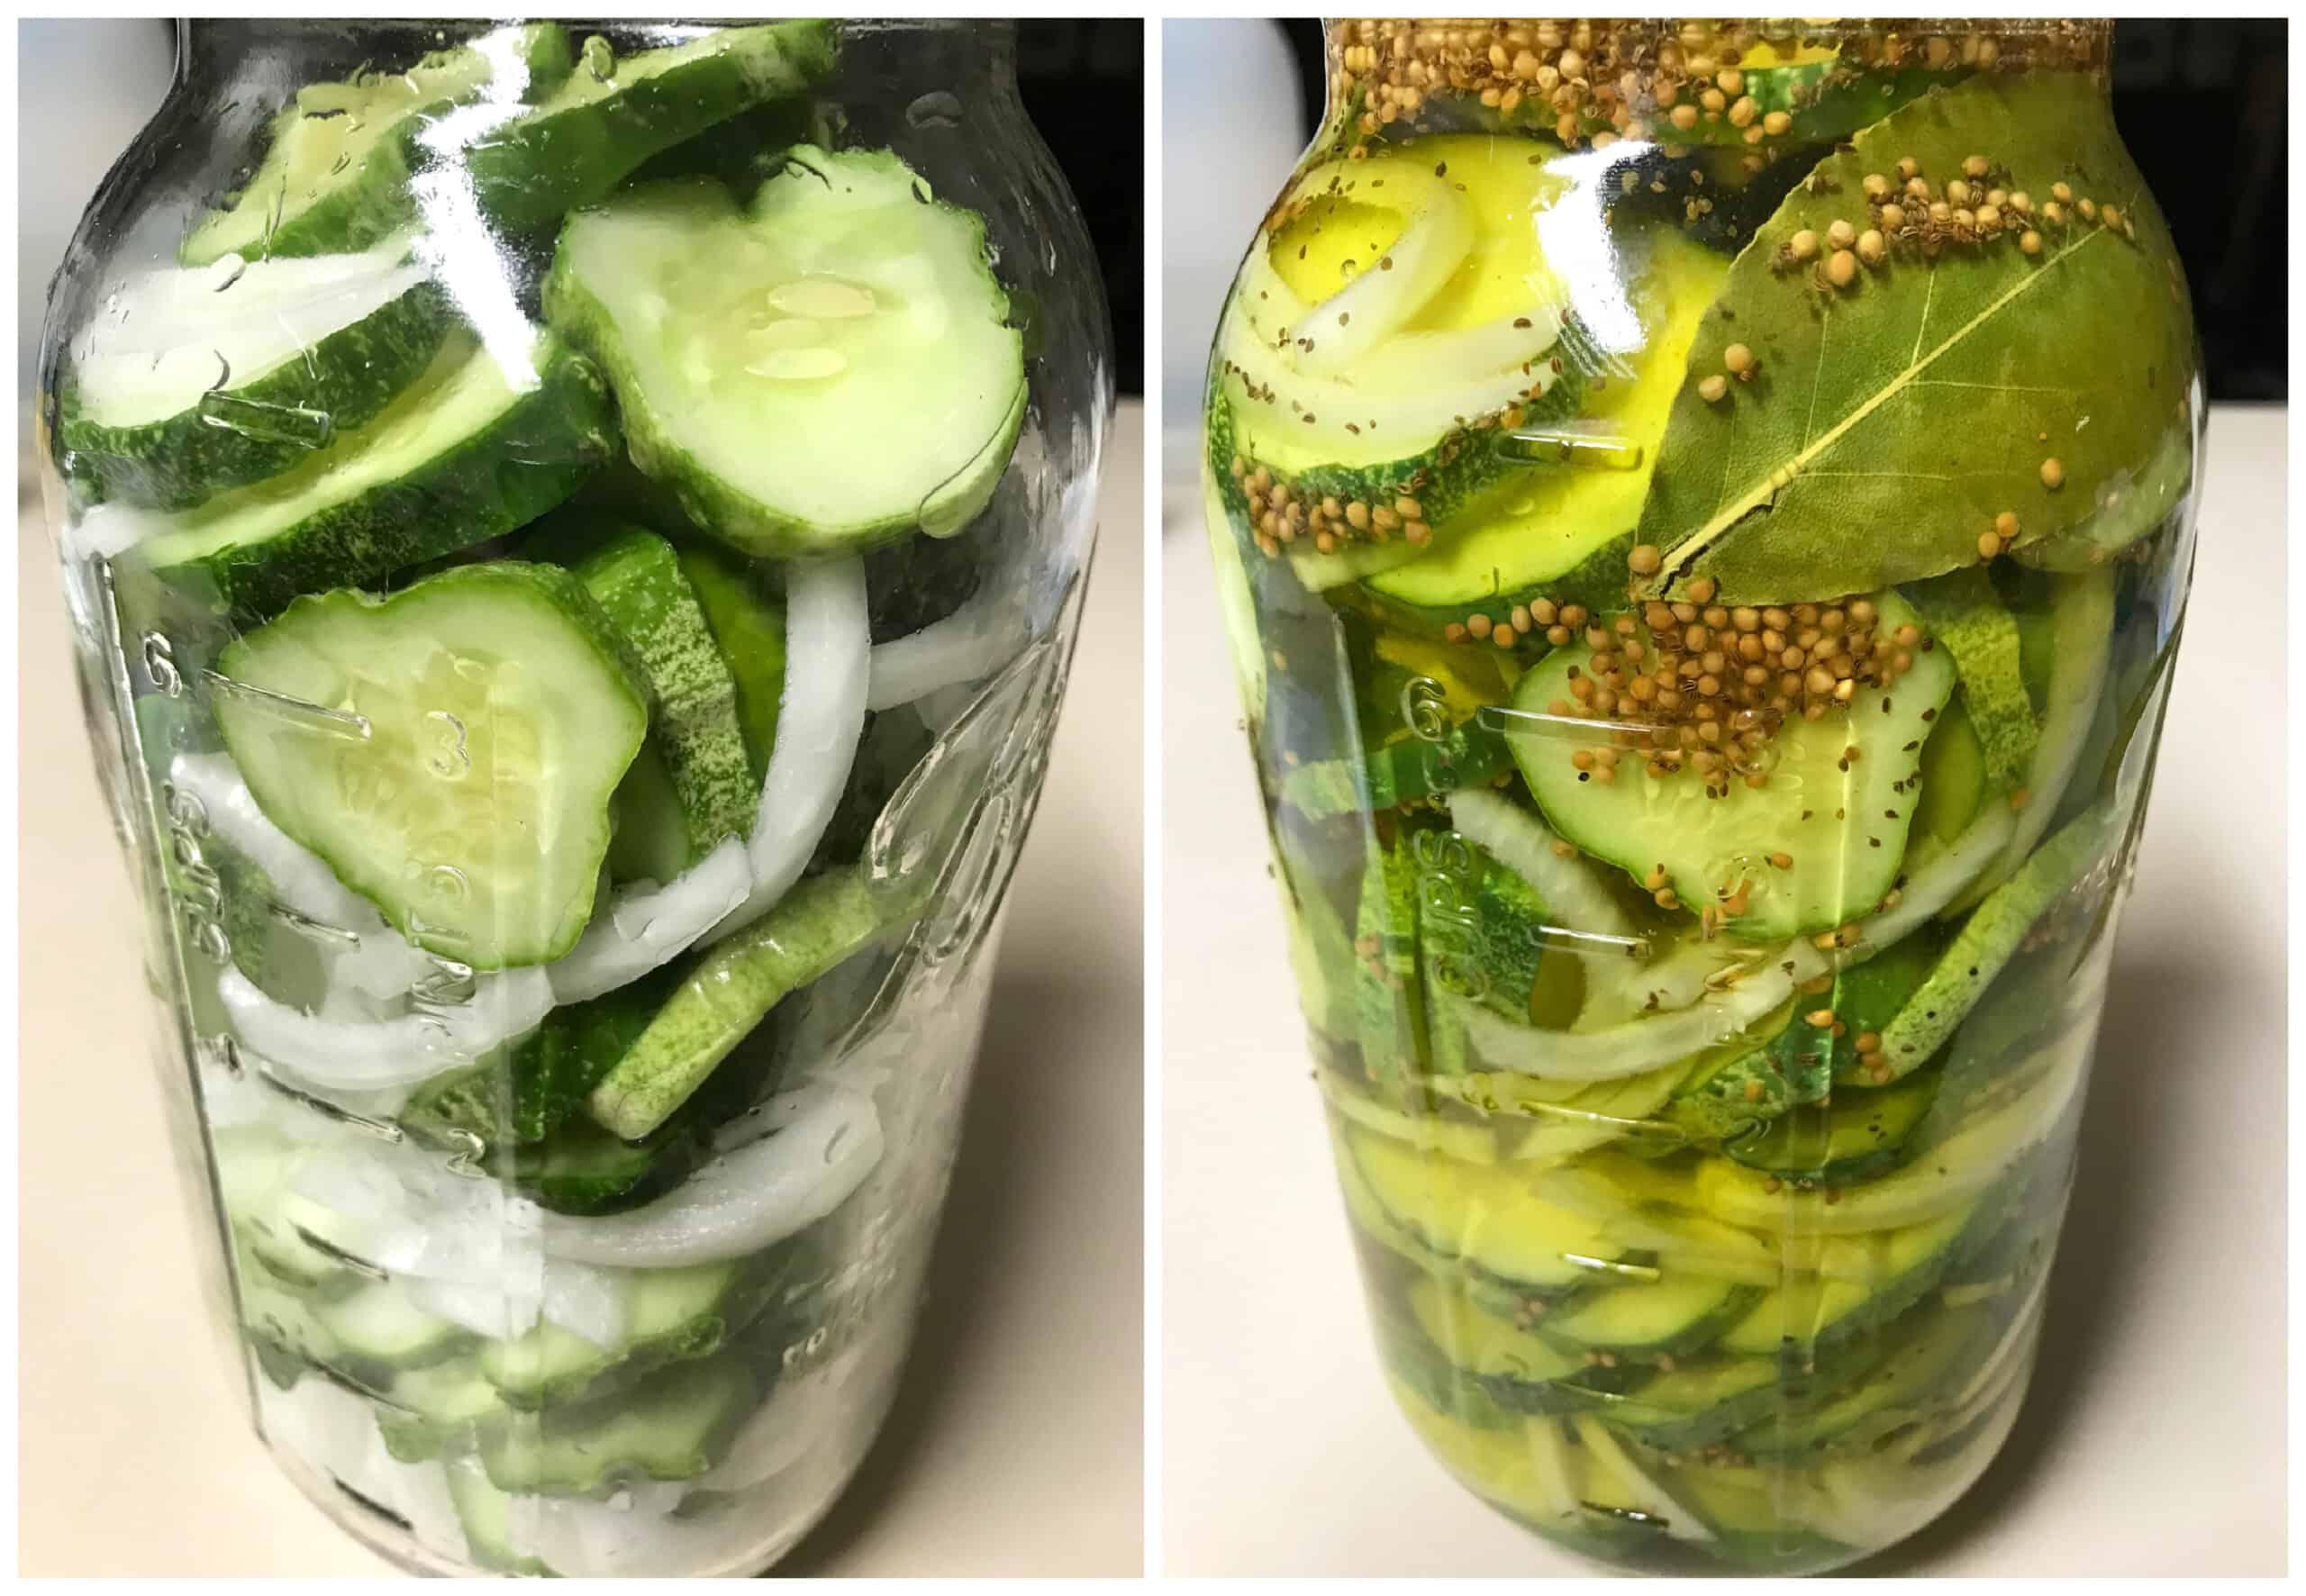 packing pickles in jars